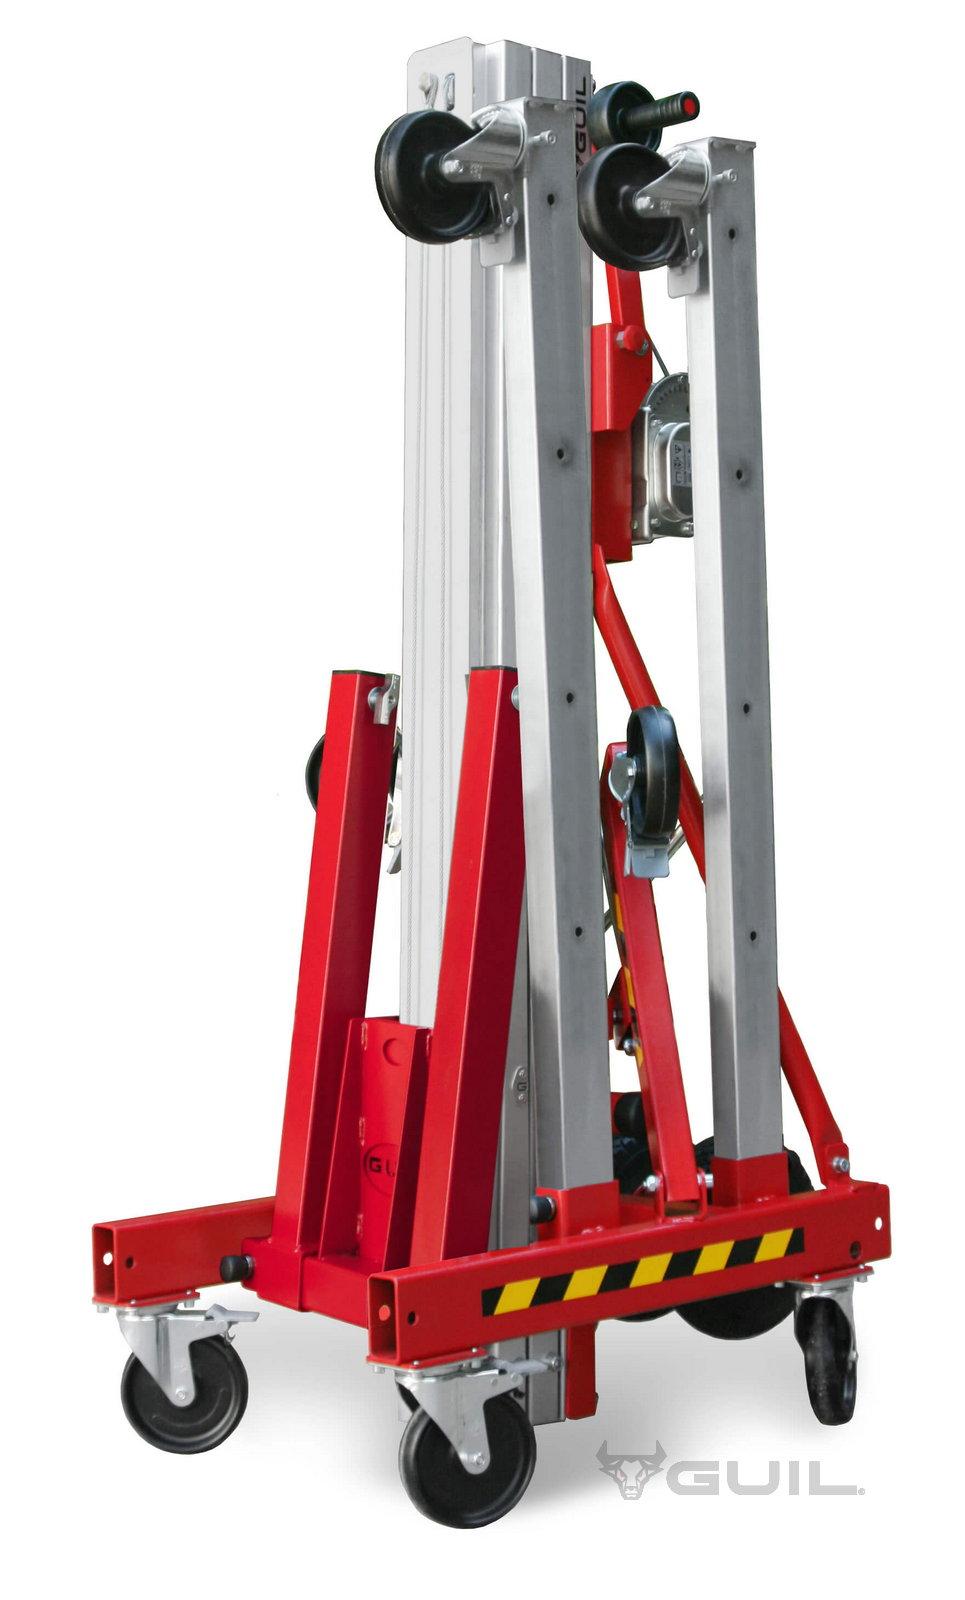 Kanaallift 4 m 250 kg compact (dutch) (2)